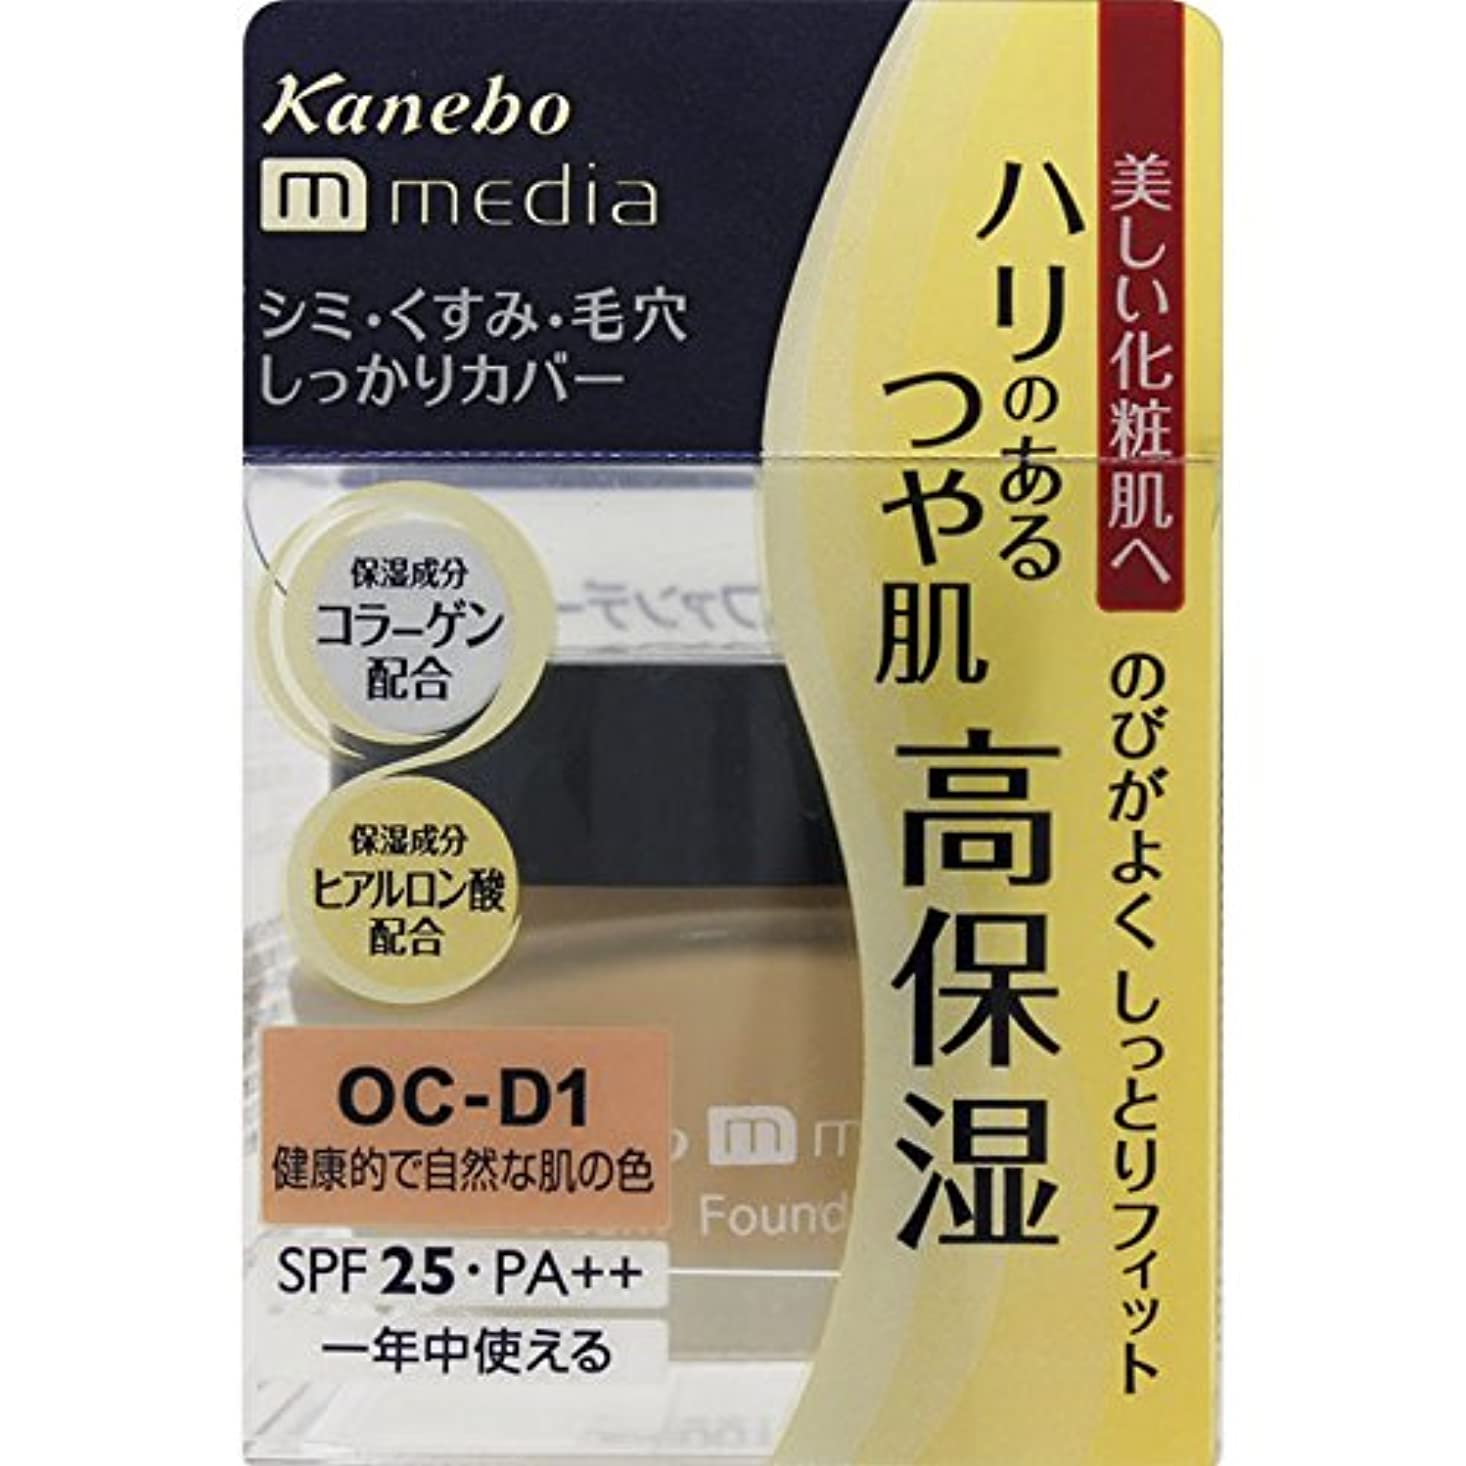 支給専門化する農夫カネボウ化粧品 メディア クリームファンデーション 健康的で自然な肌の色 OC-D1